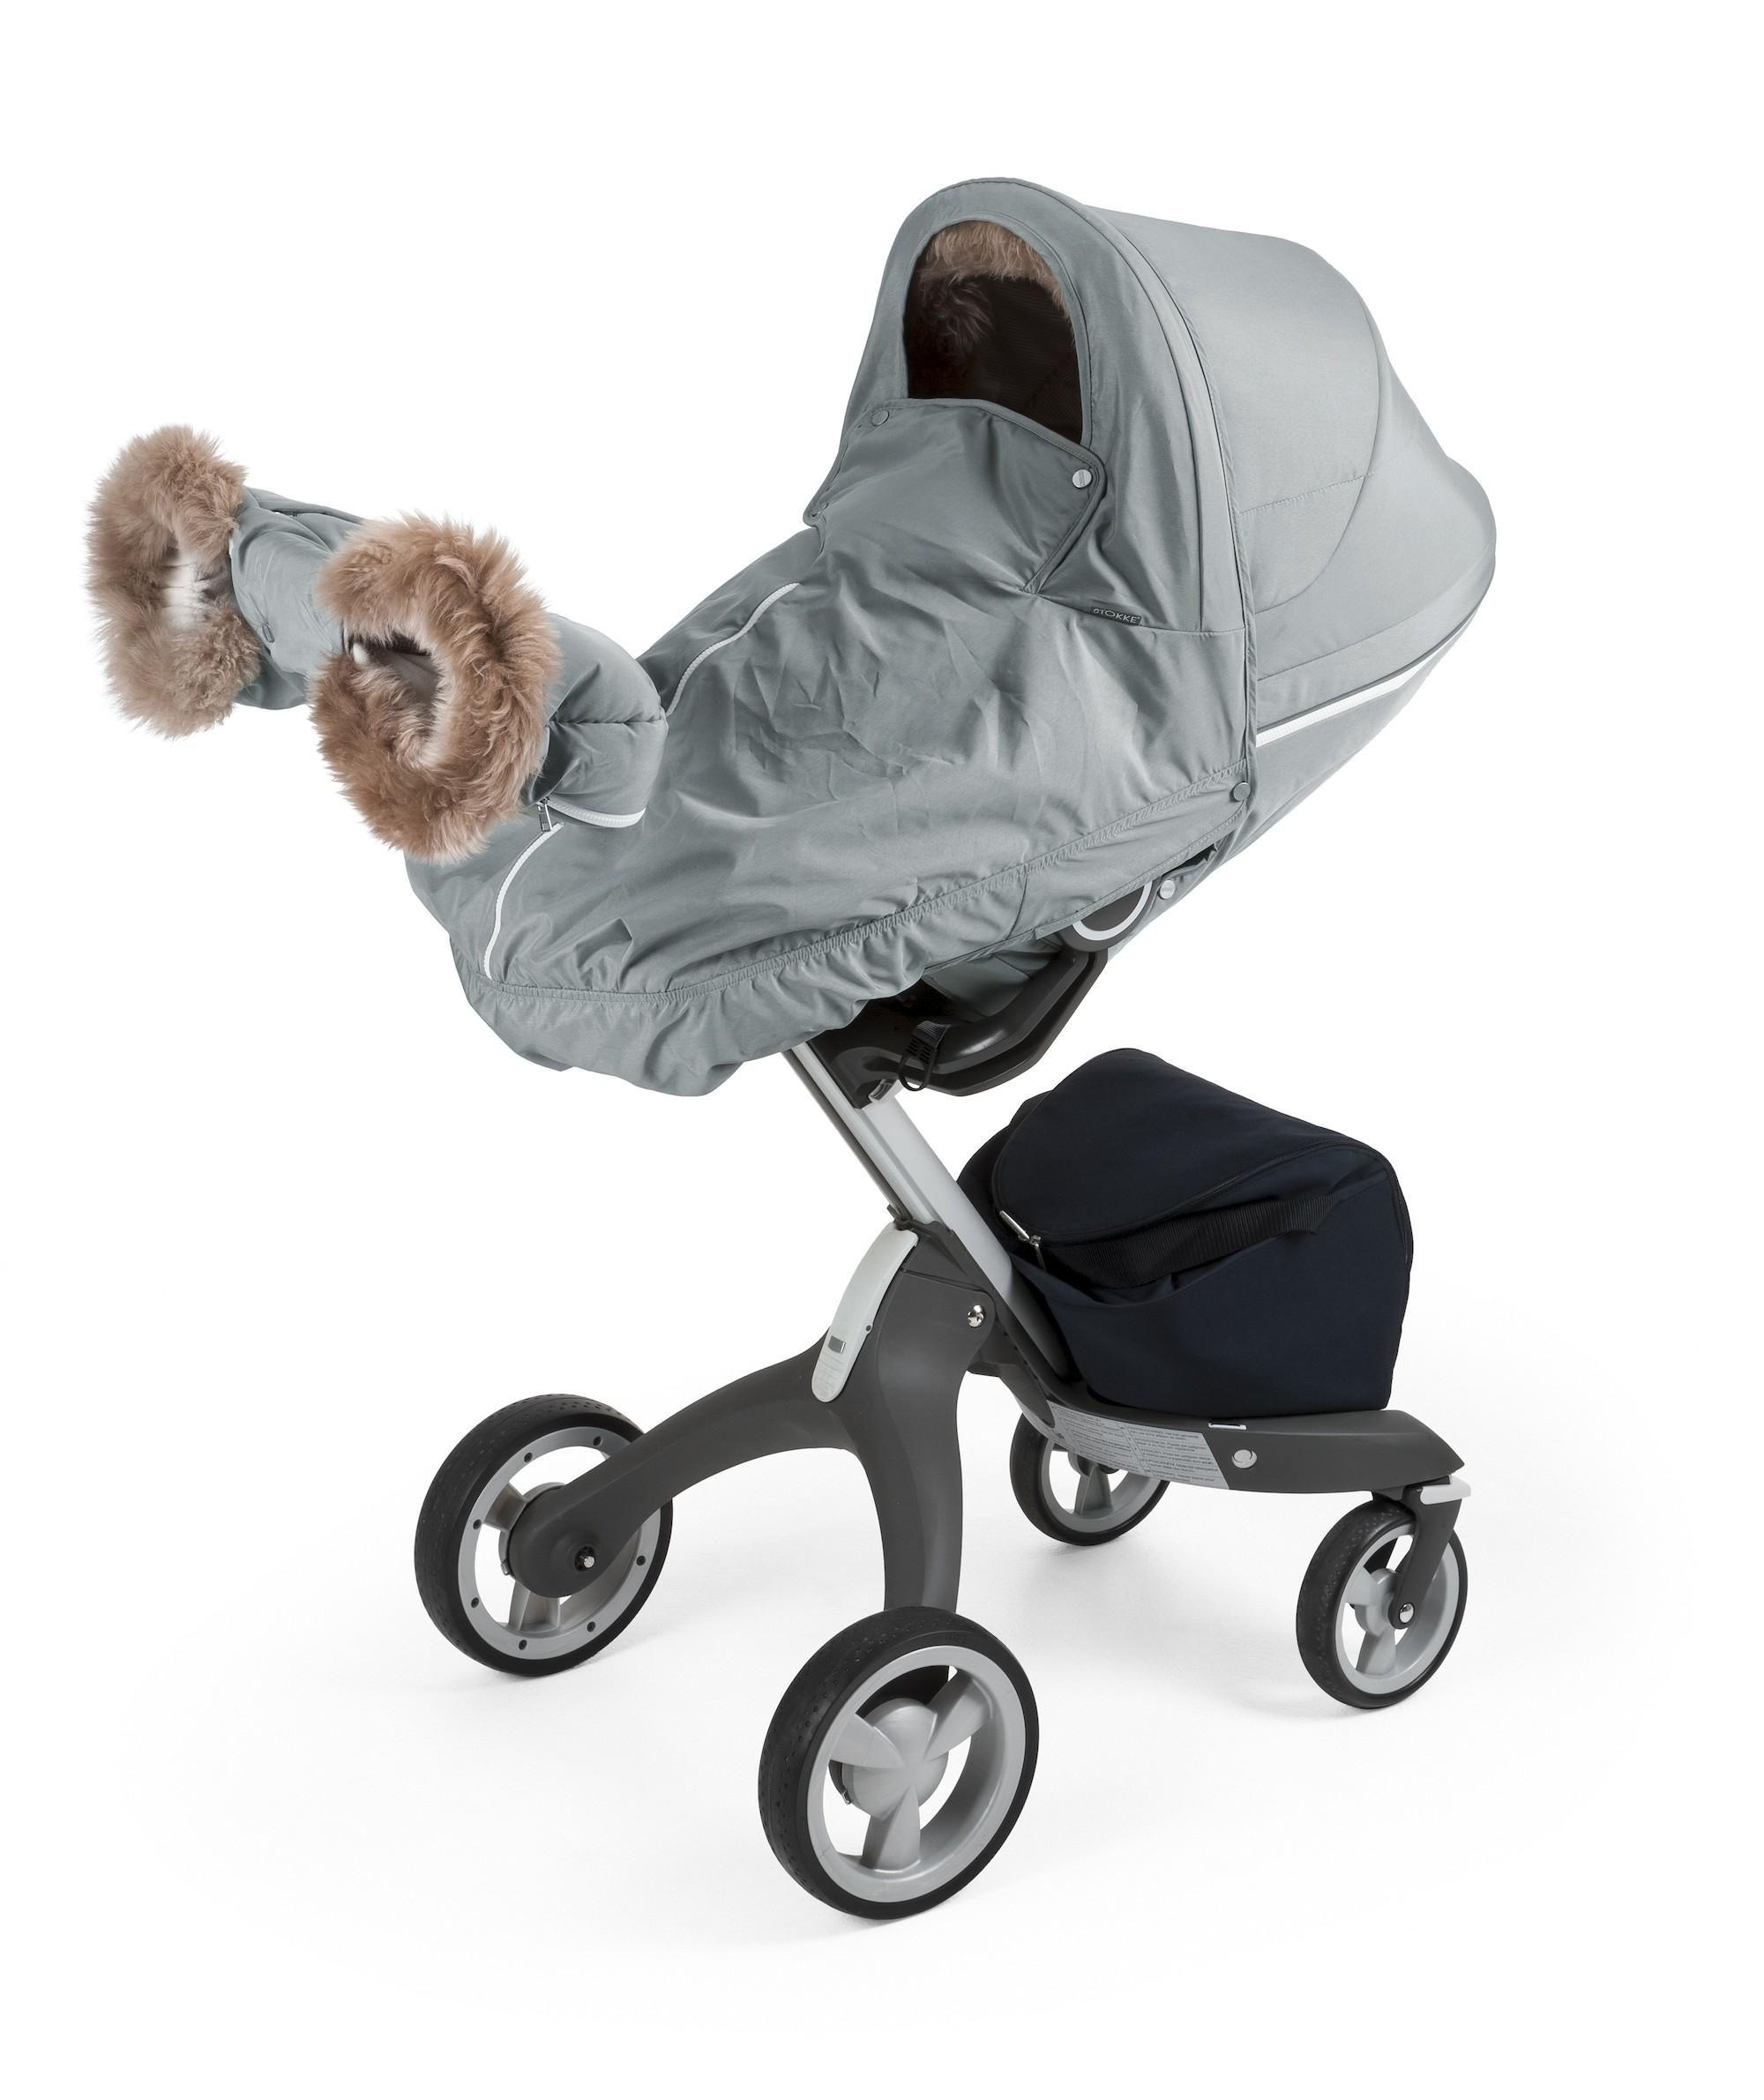 26224c375 Stroller Winter Kit Pearl White